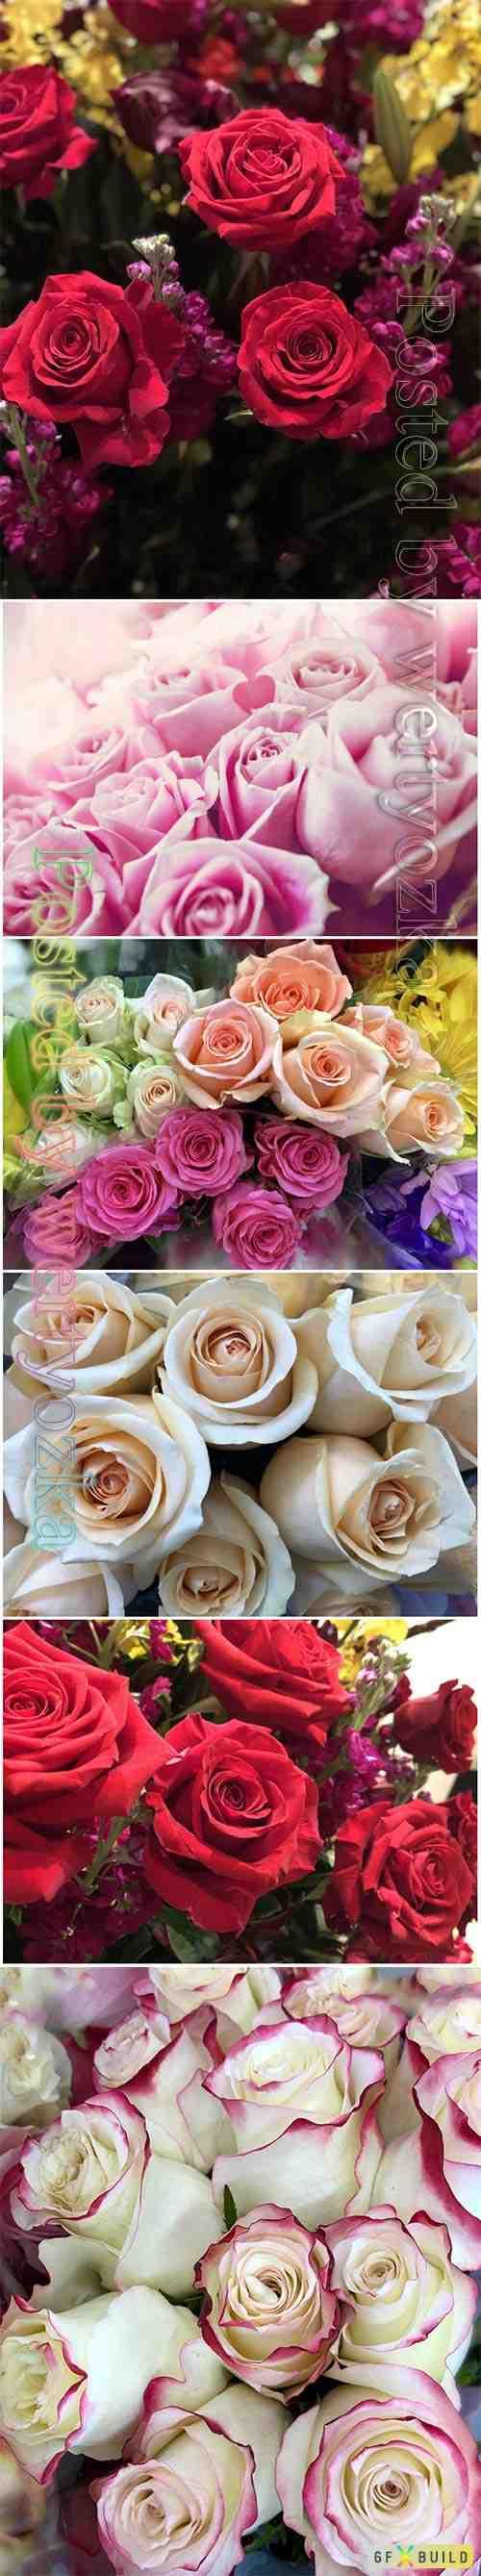 Roses beautiful stock photo